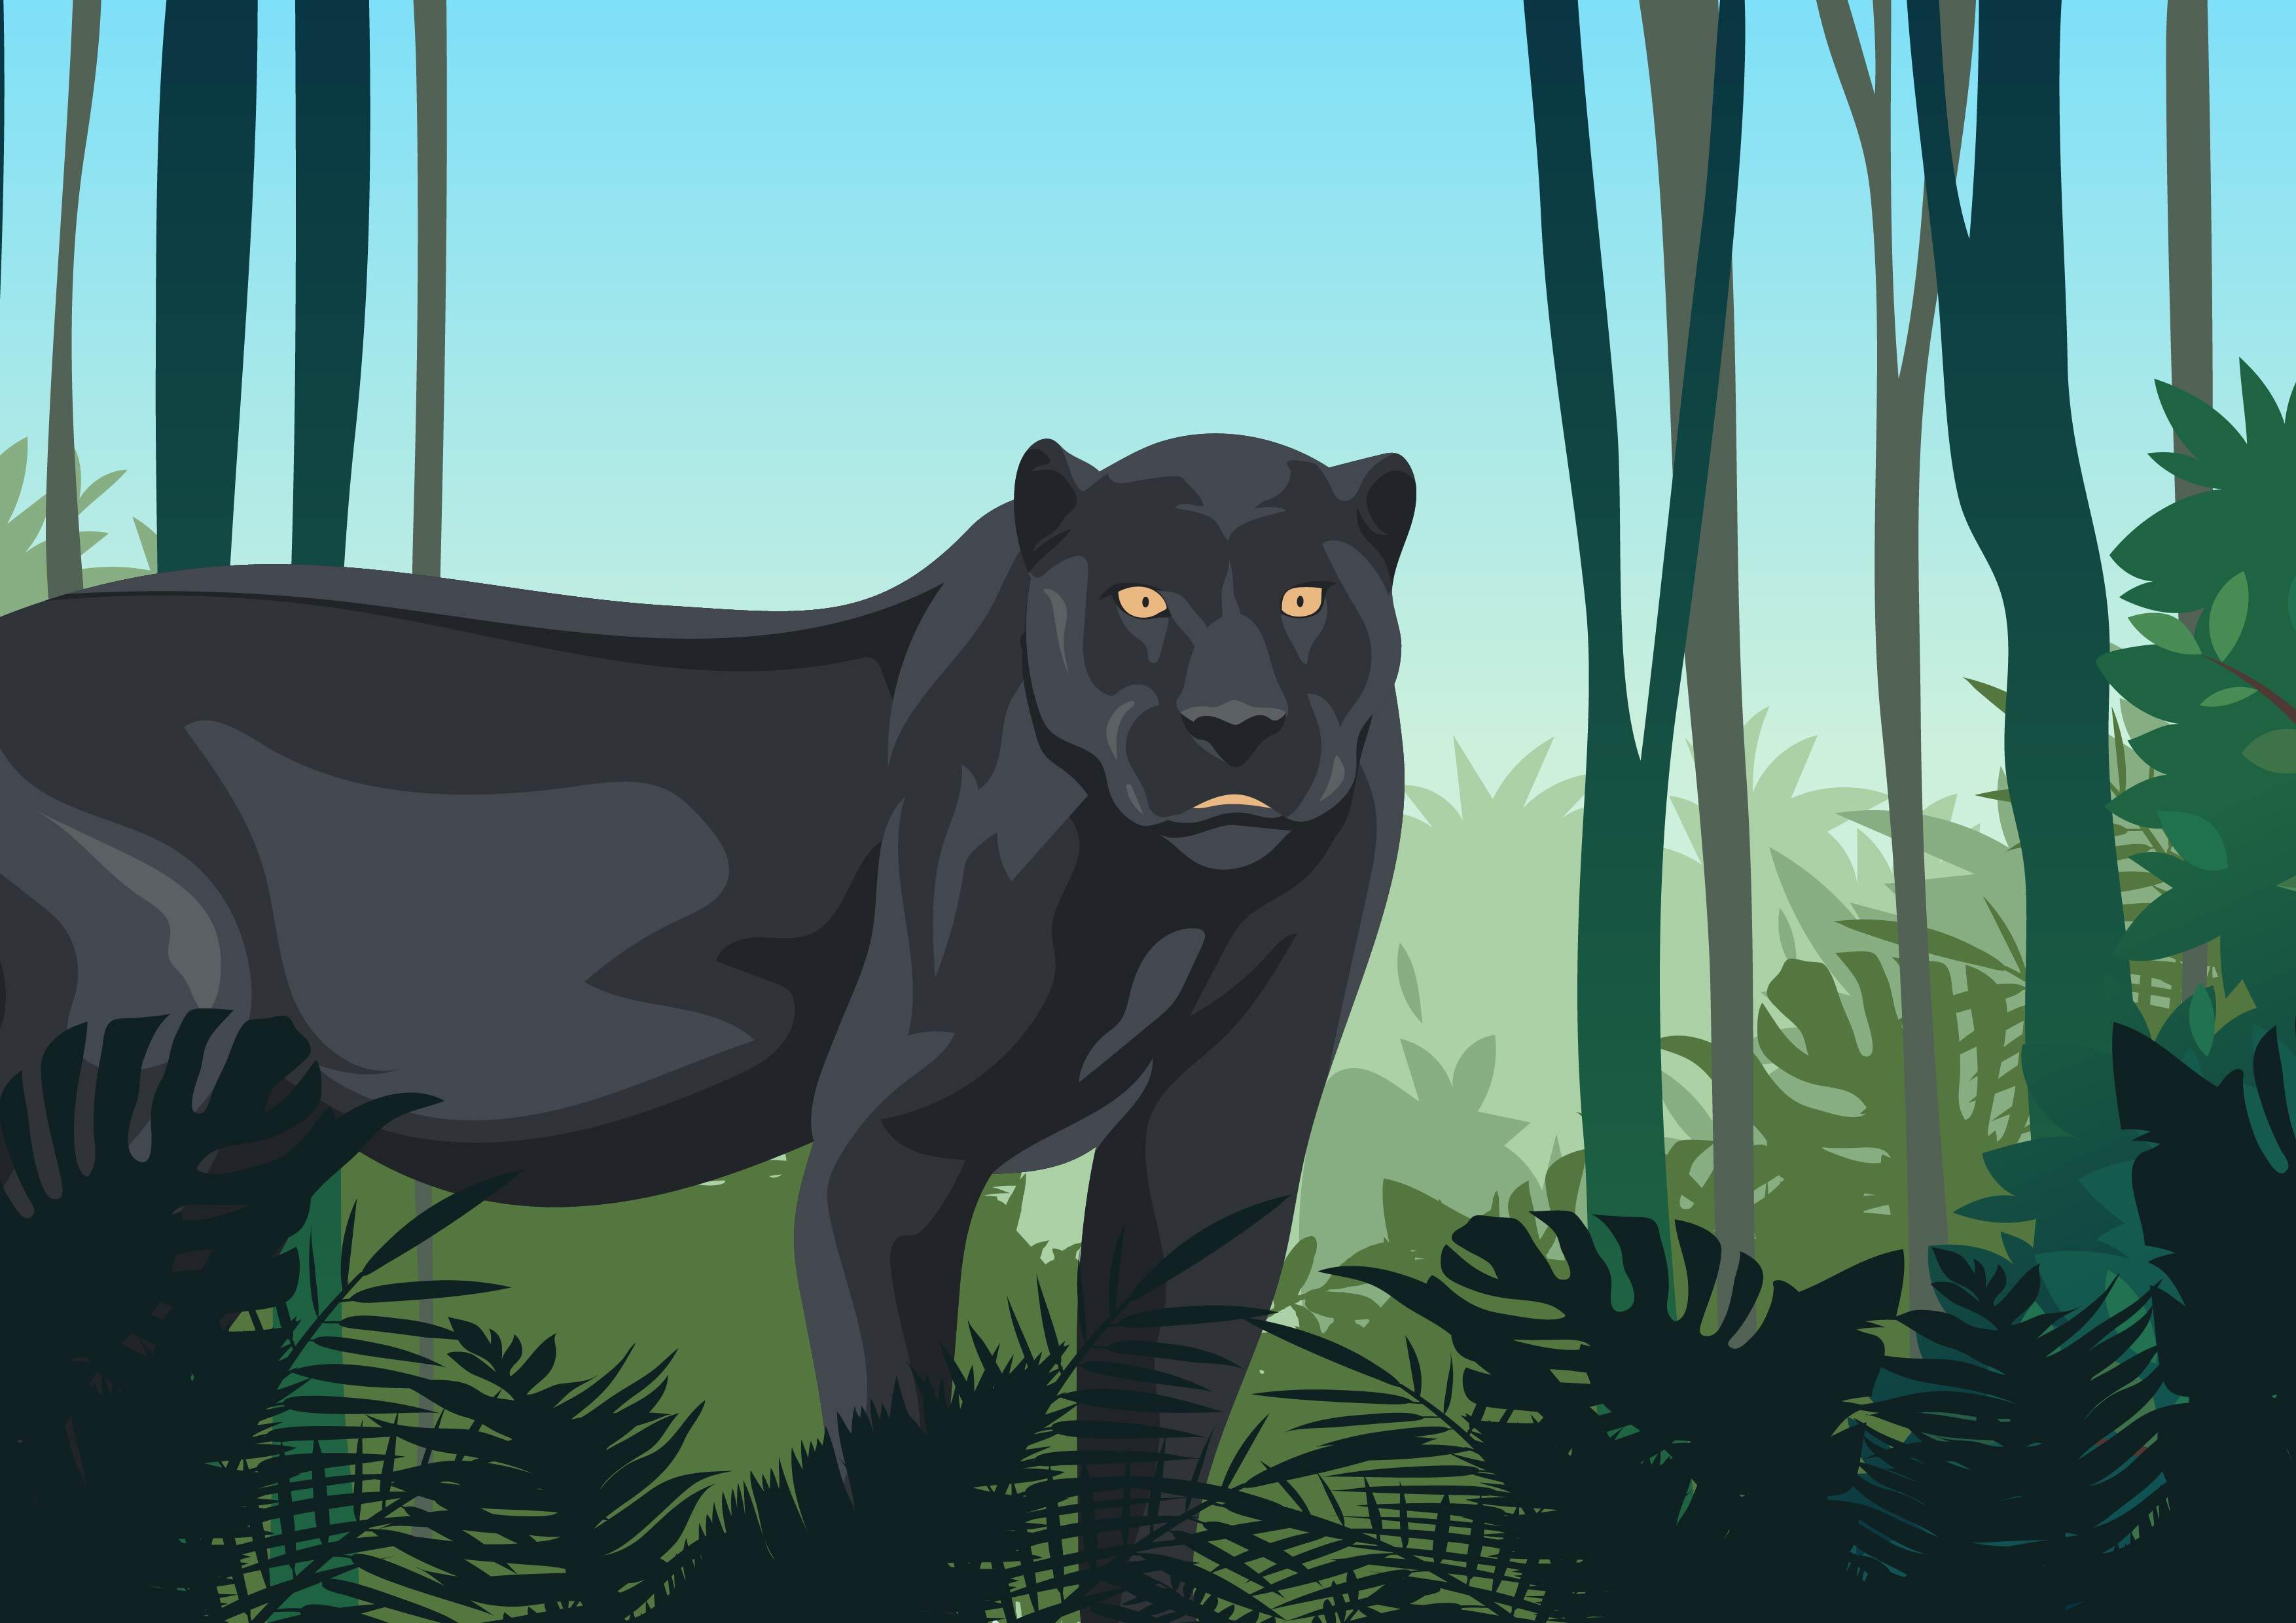 Panthere Noire Dans La Jungle Telecharger Vectoriel Gratuit